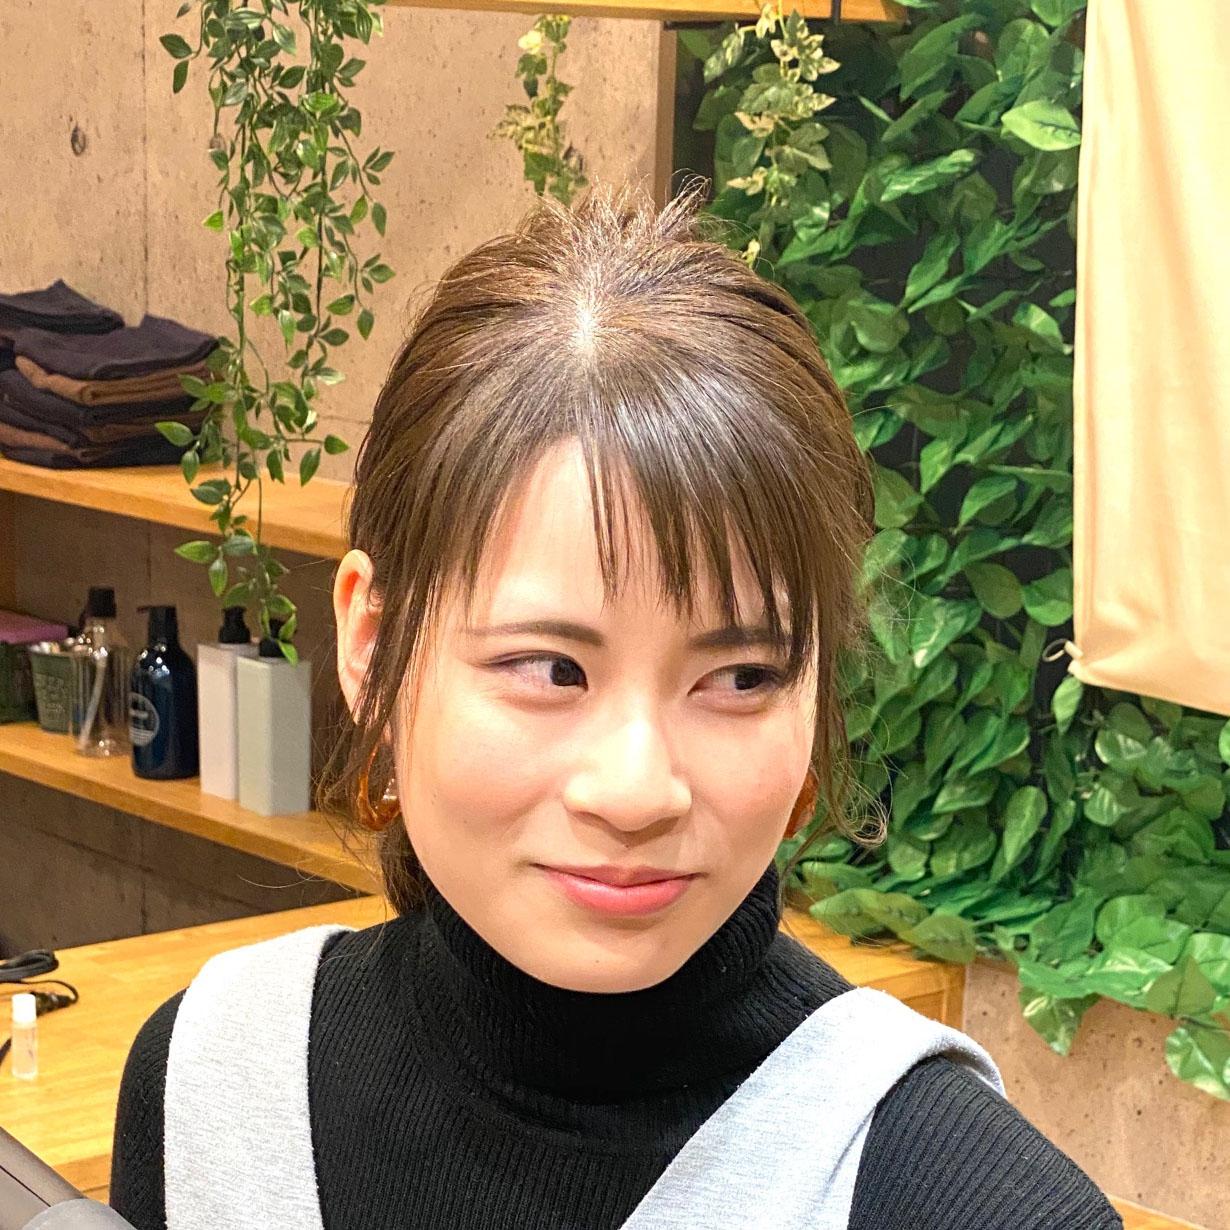 AOI YAMASAKI